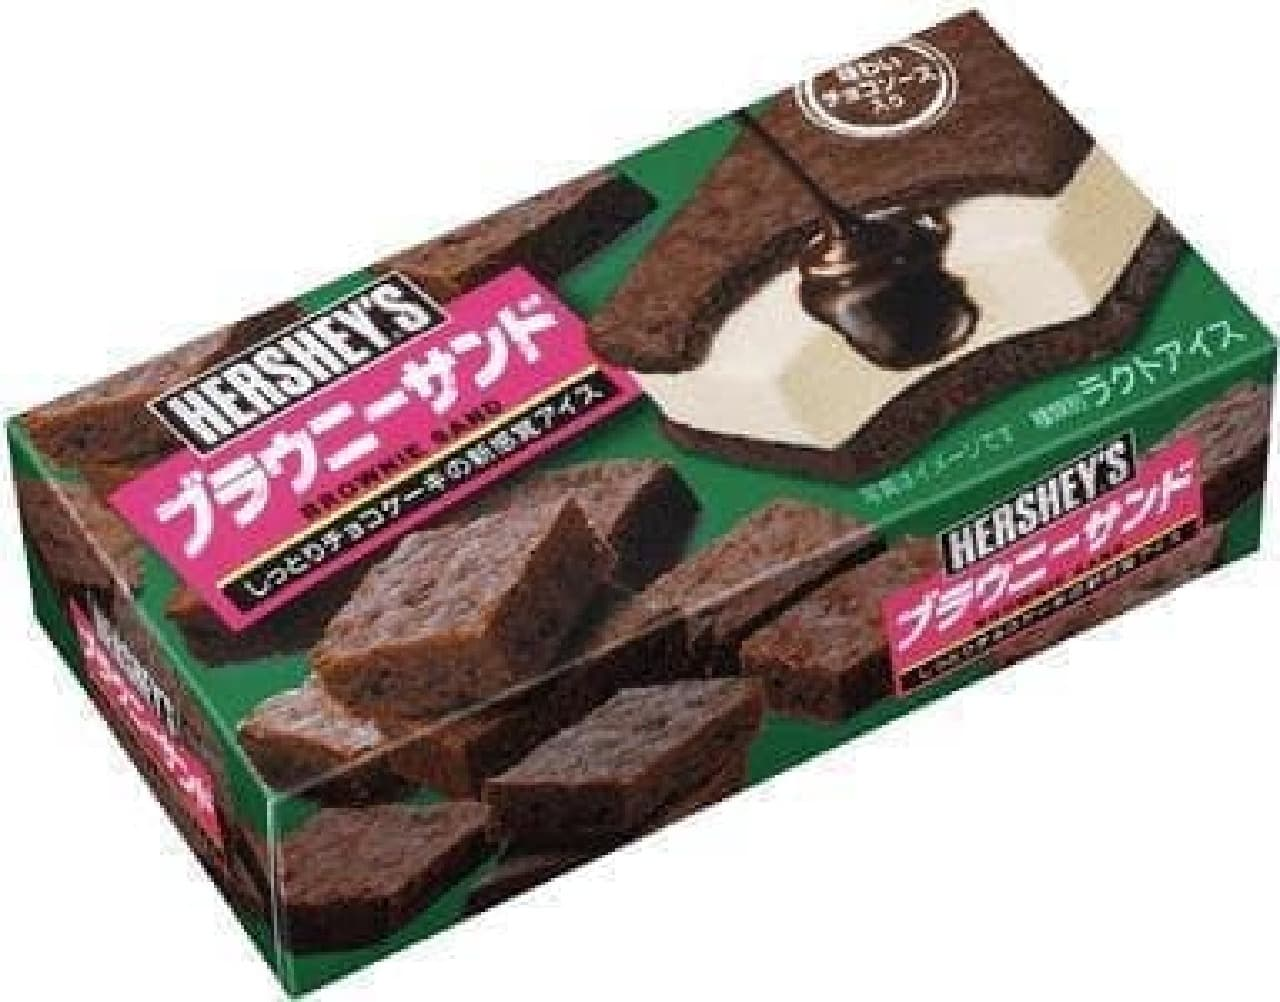 HERSHEY'S ブランドからブラウニーのサンドアイスが新登場!